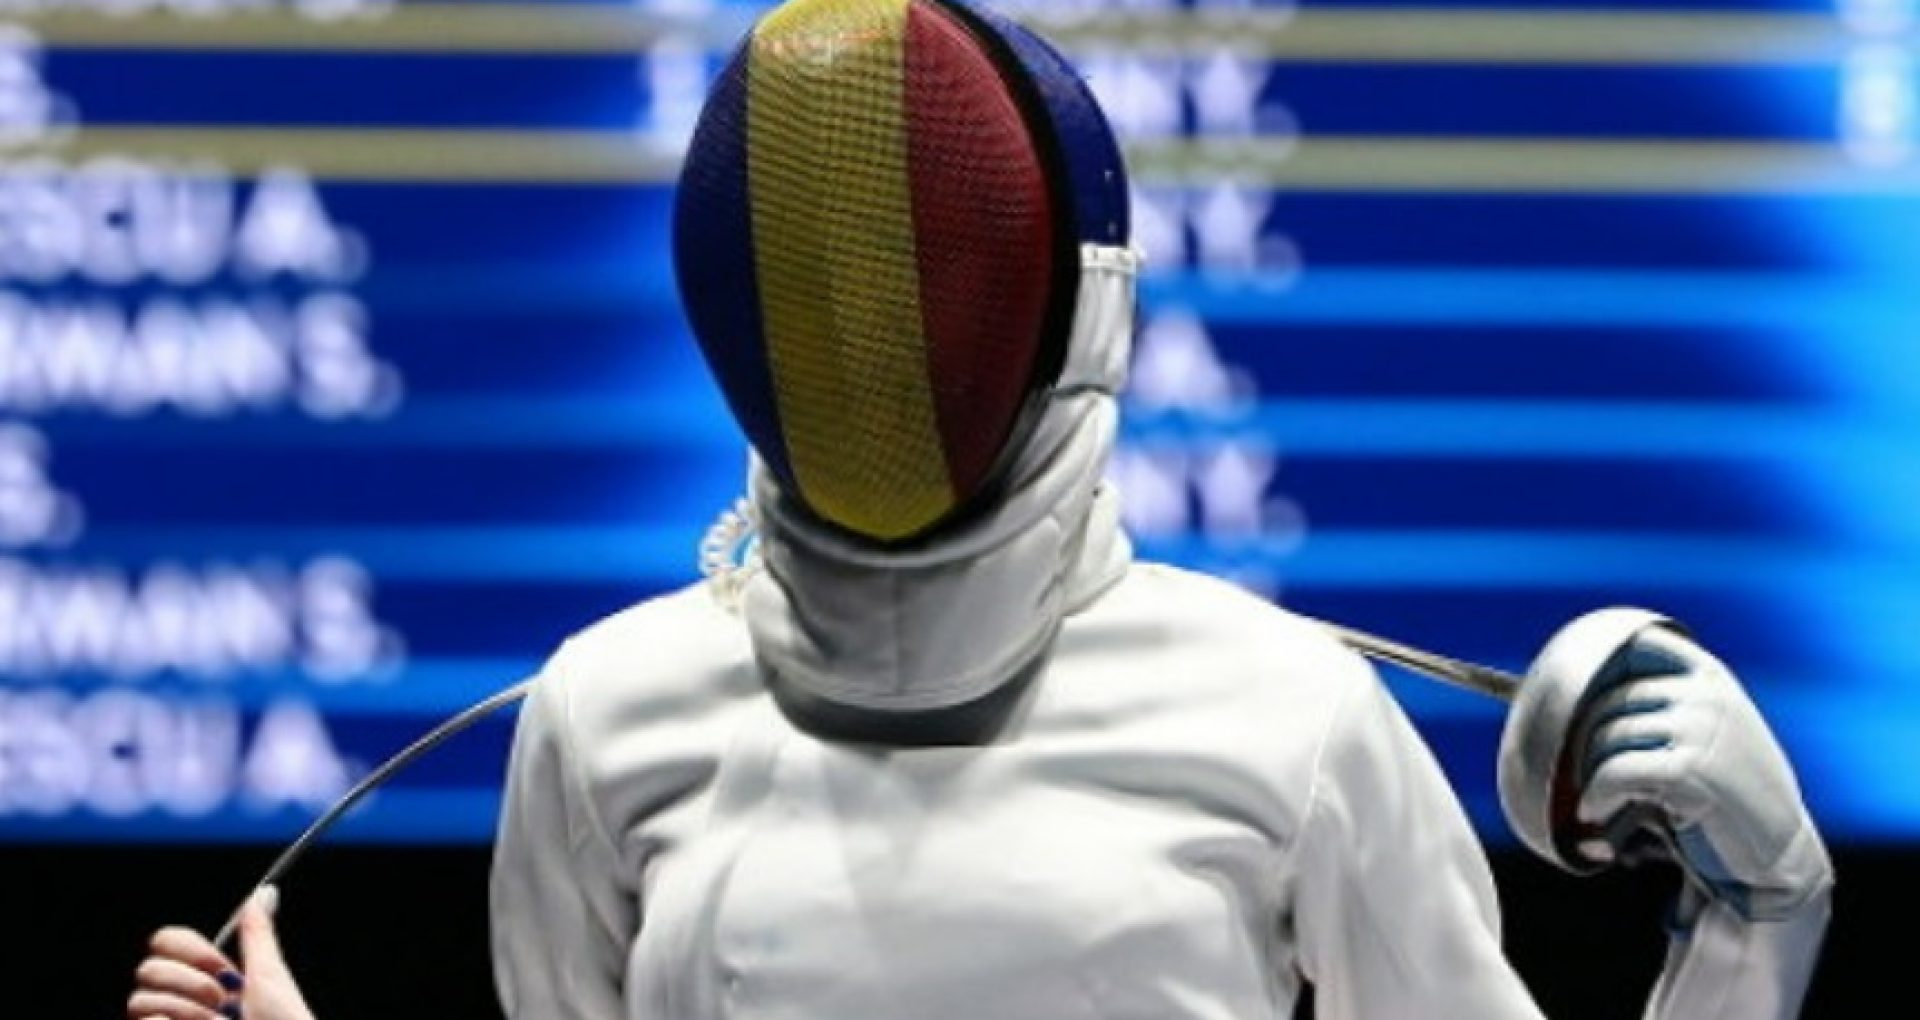 Românca Ana-Maria Popescu a câștigat medalia de argint la scrimă la Jocurile Olimpice de la Tokyo